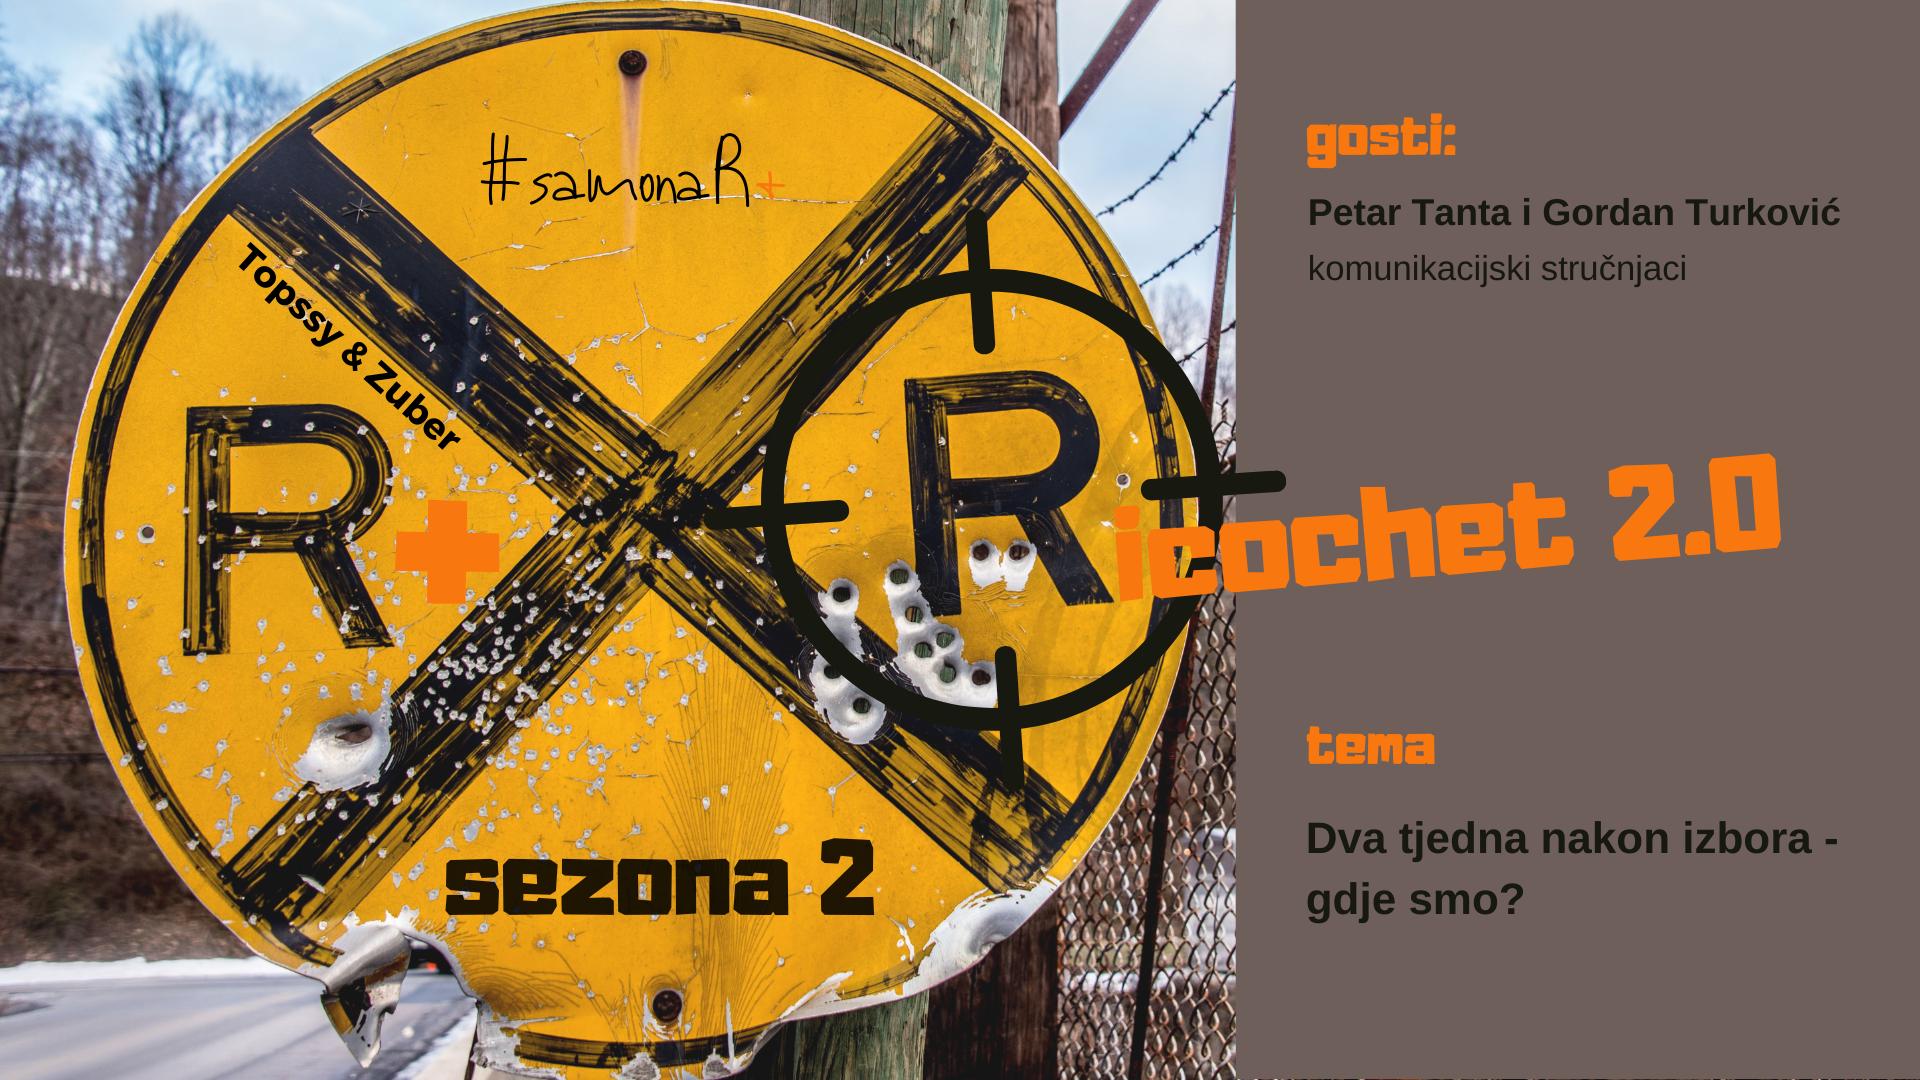 R+: Ricochet 2.0 w. Petar Tanta i Gordan Turković | Dva tjedna nakon izbora, gdje smo?